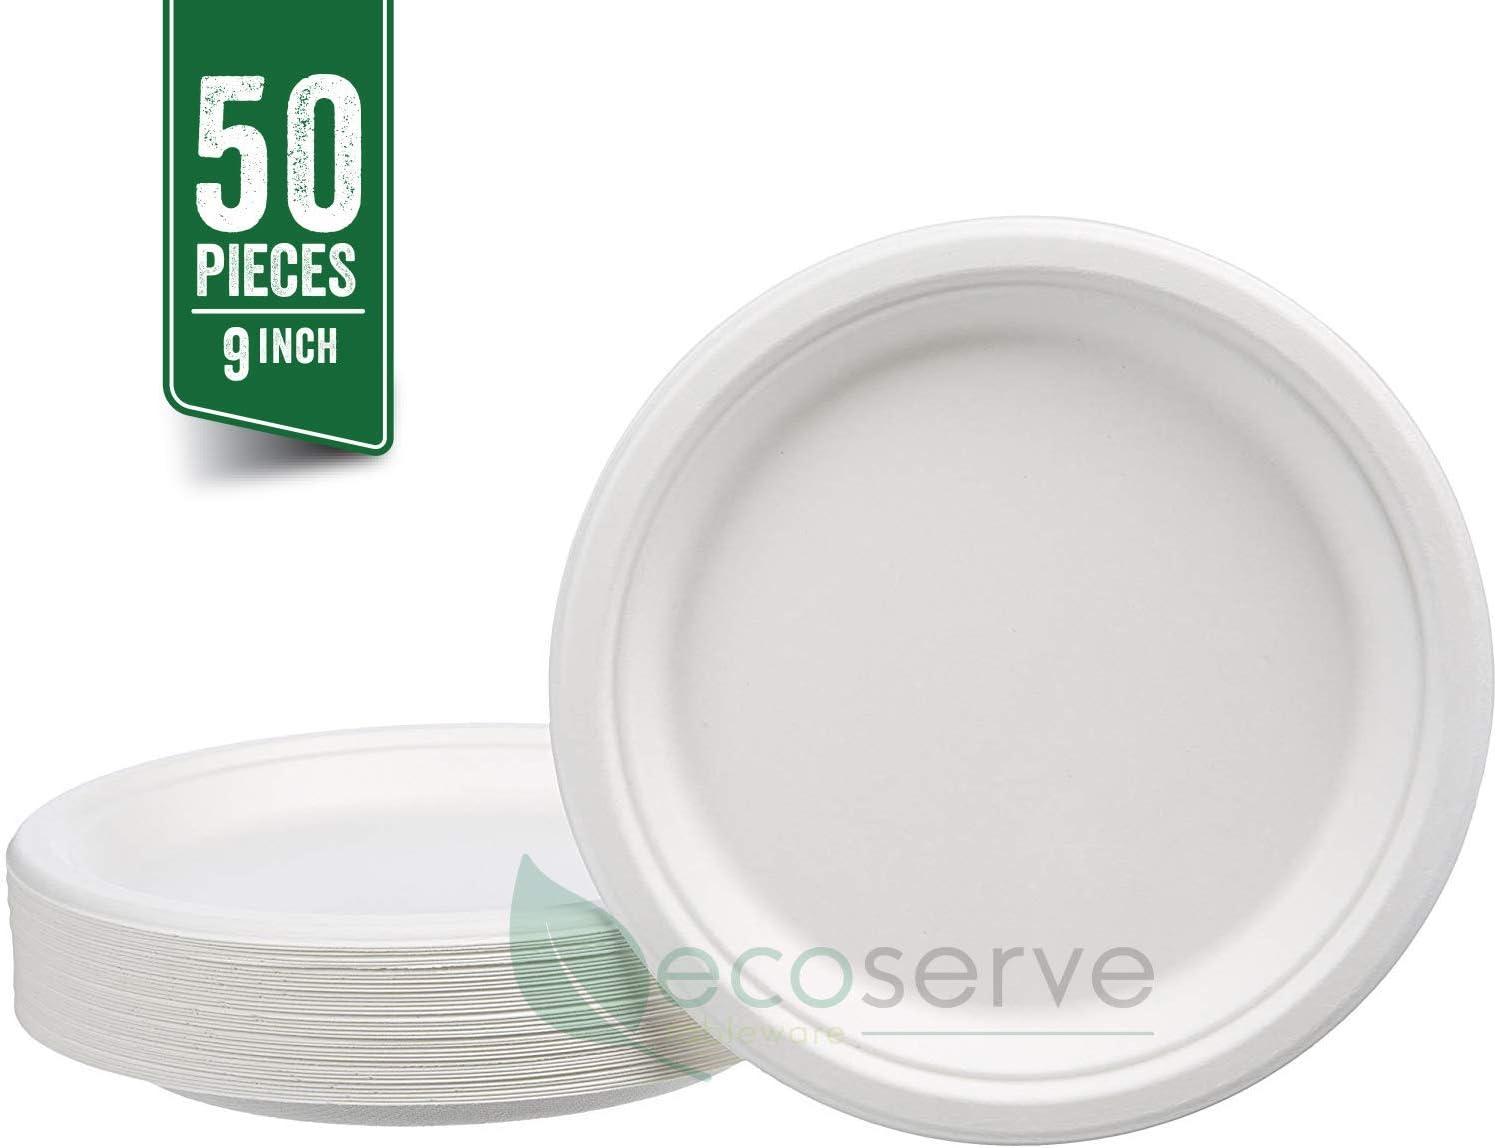 Canne /à sucre 3 compartment 50Pcs 9 po Ecoserve Lot de 50 assiettes jetables super rigides en papier blanc biod/égradable et compostable alternative en plastique et plastique